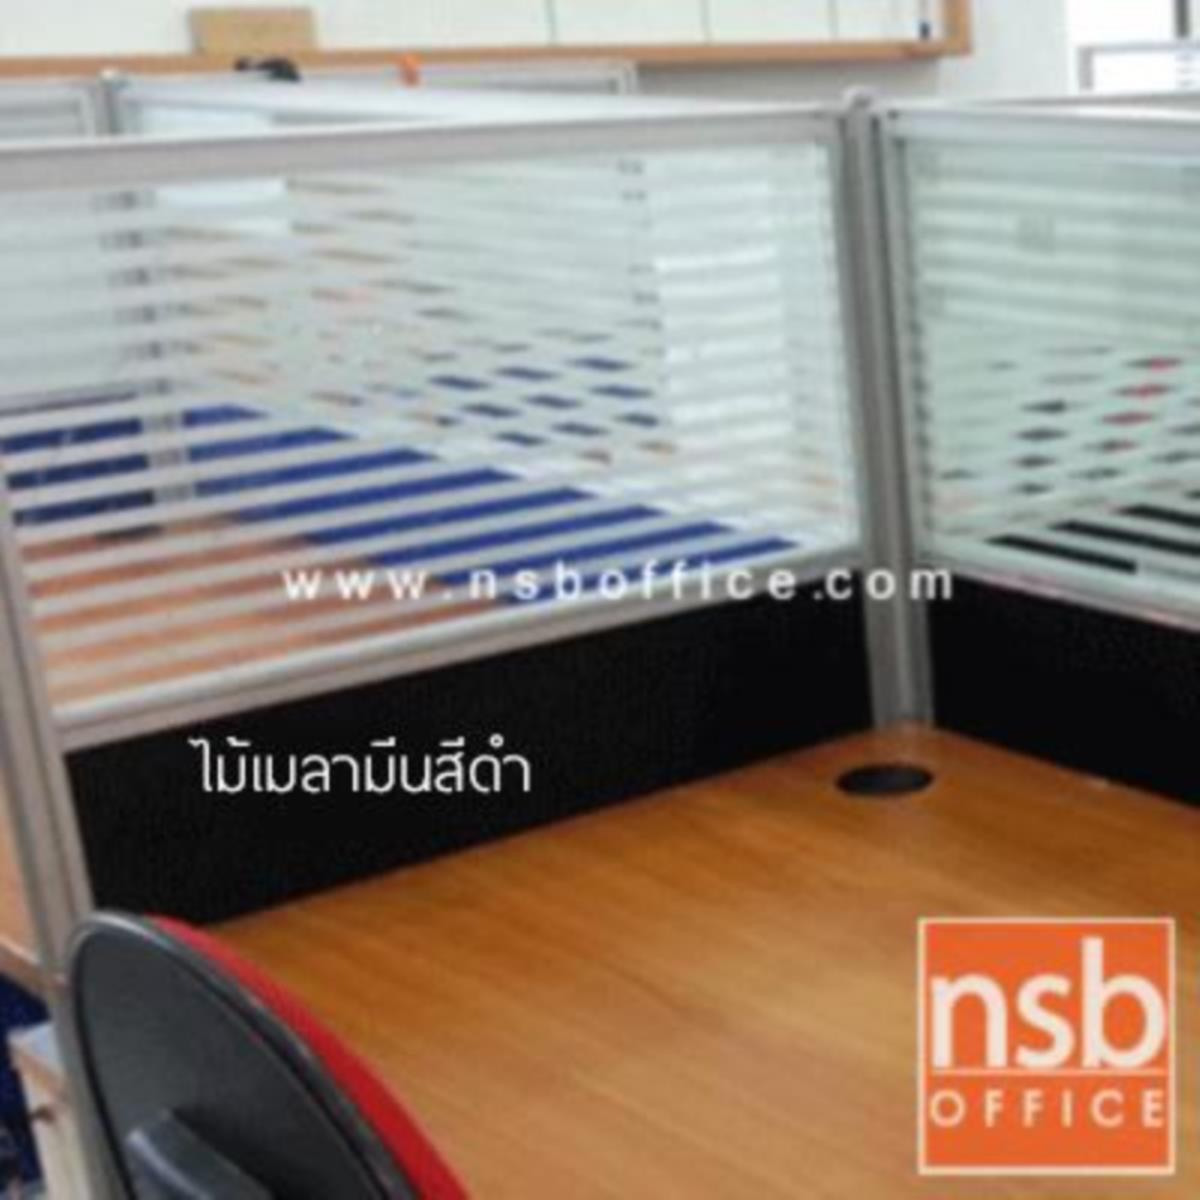 ชุดโต๊ะทำงานกลุ่ม 6 ที่นั่ง   ขนาดรวม 366W*126D cm. พร้อมพาร์ทิชั่นครึ่งกระจกขัดลาย